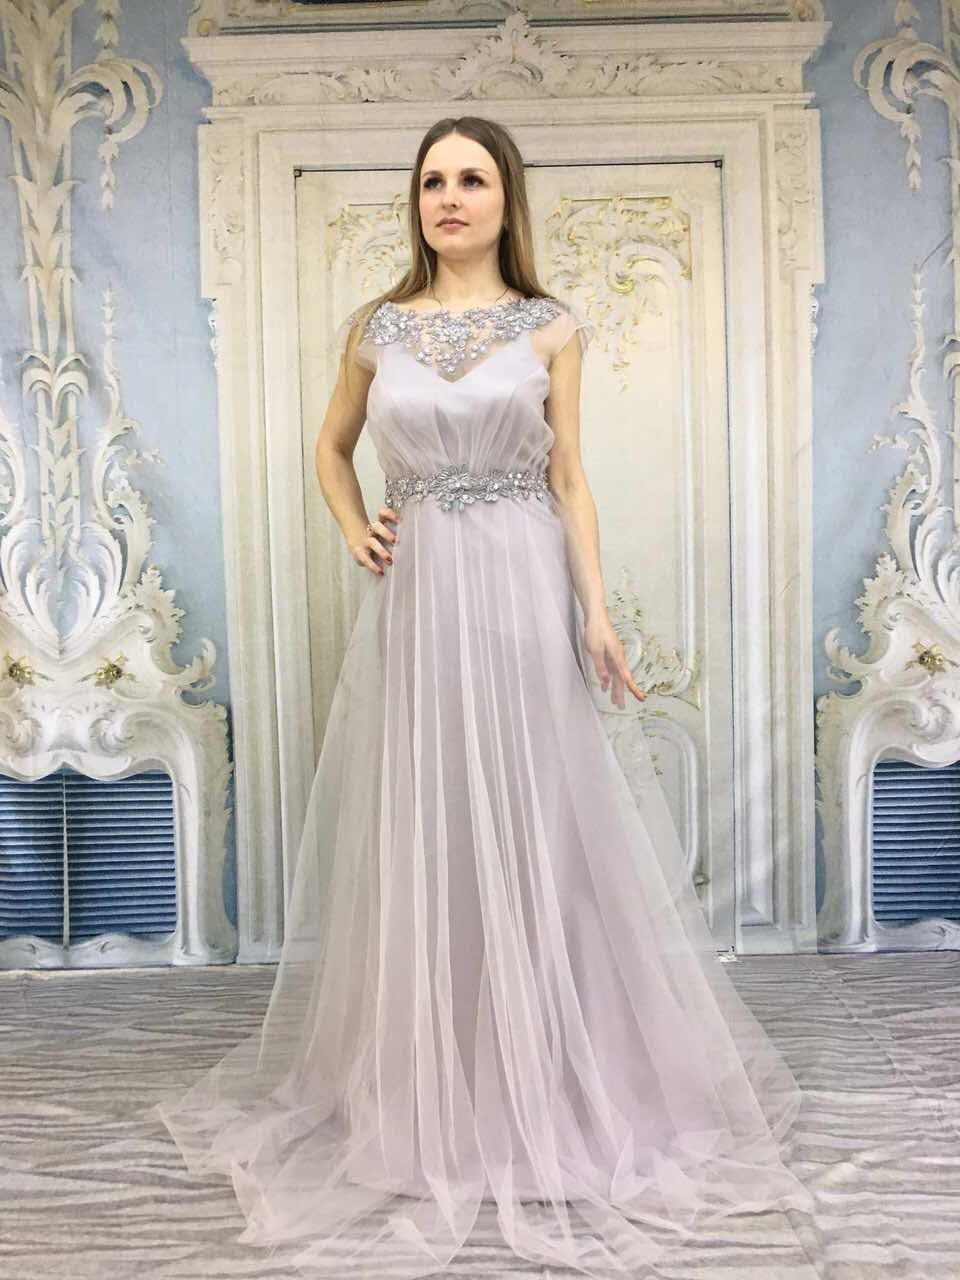 Beste Vintage Spitze öffnen Zurück Brautkleider Fotos - Hochzeit ...